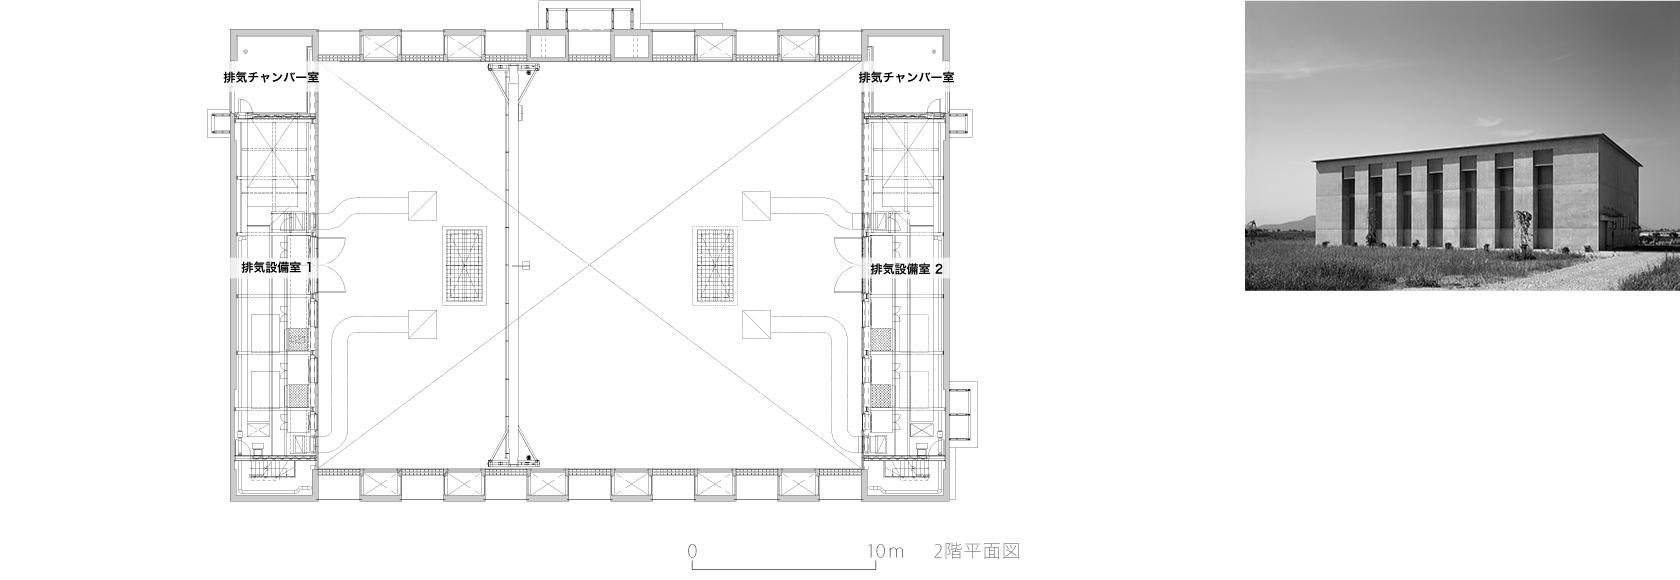 新鍛造工場6-2階平面図